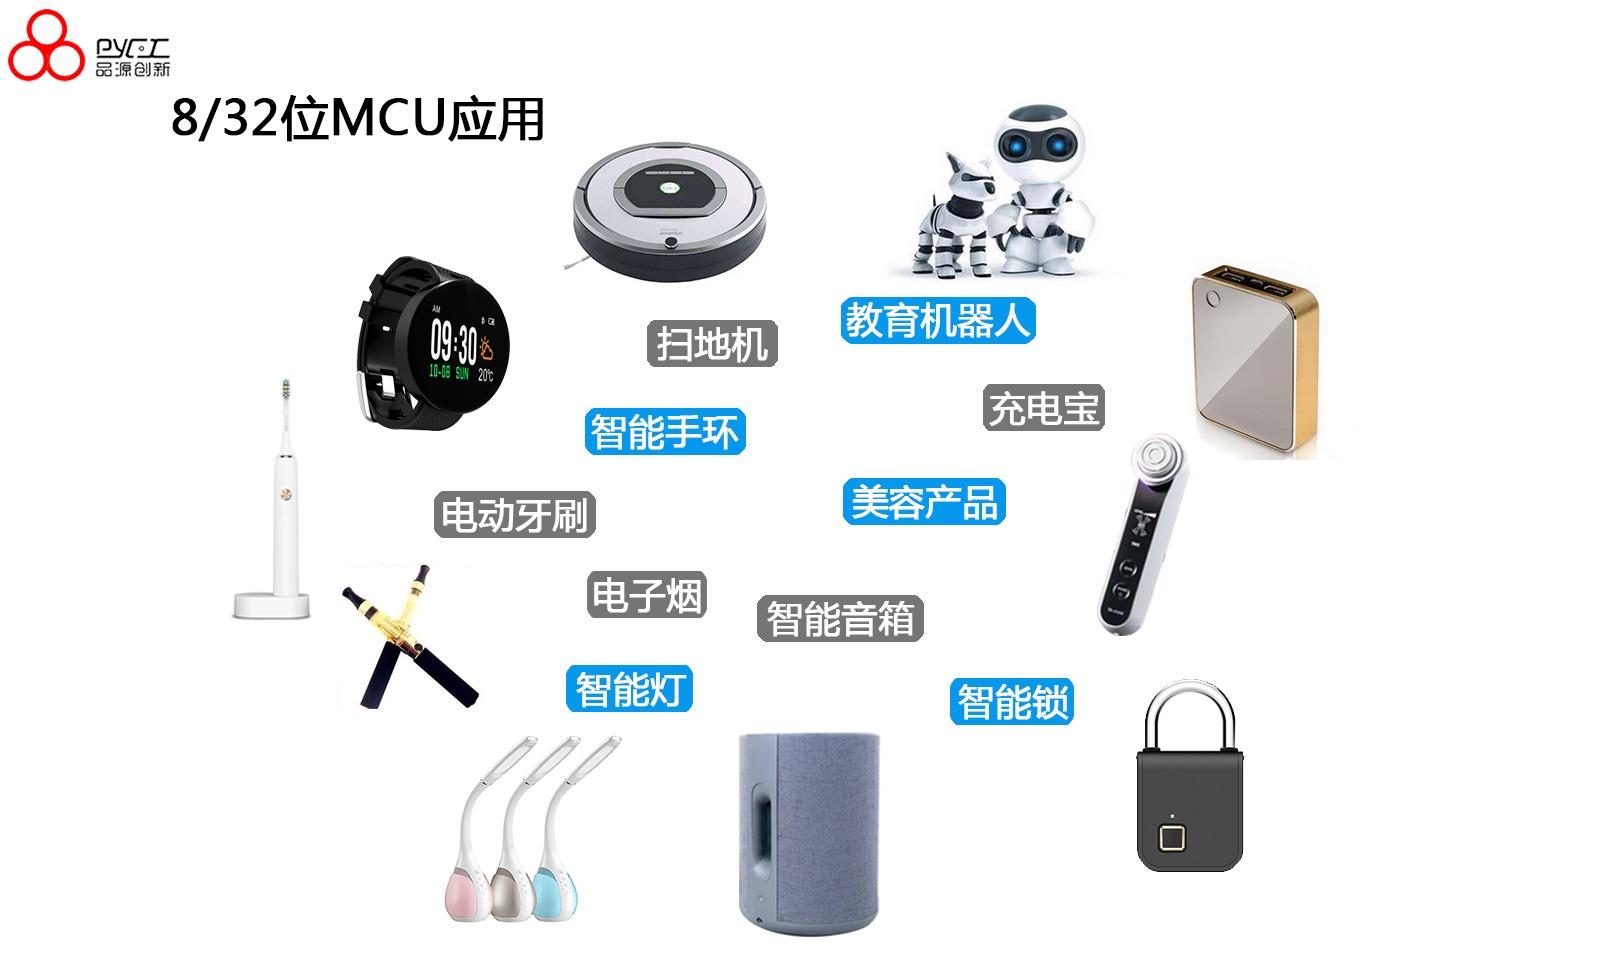 MCU开发(软硬件开发)